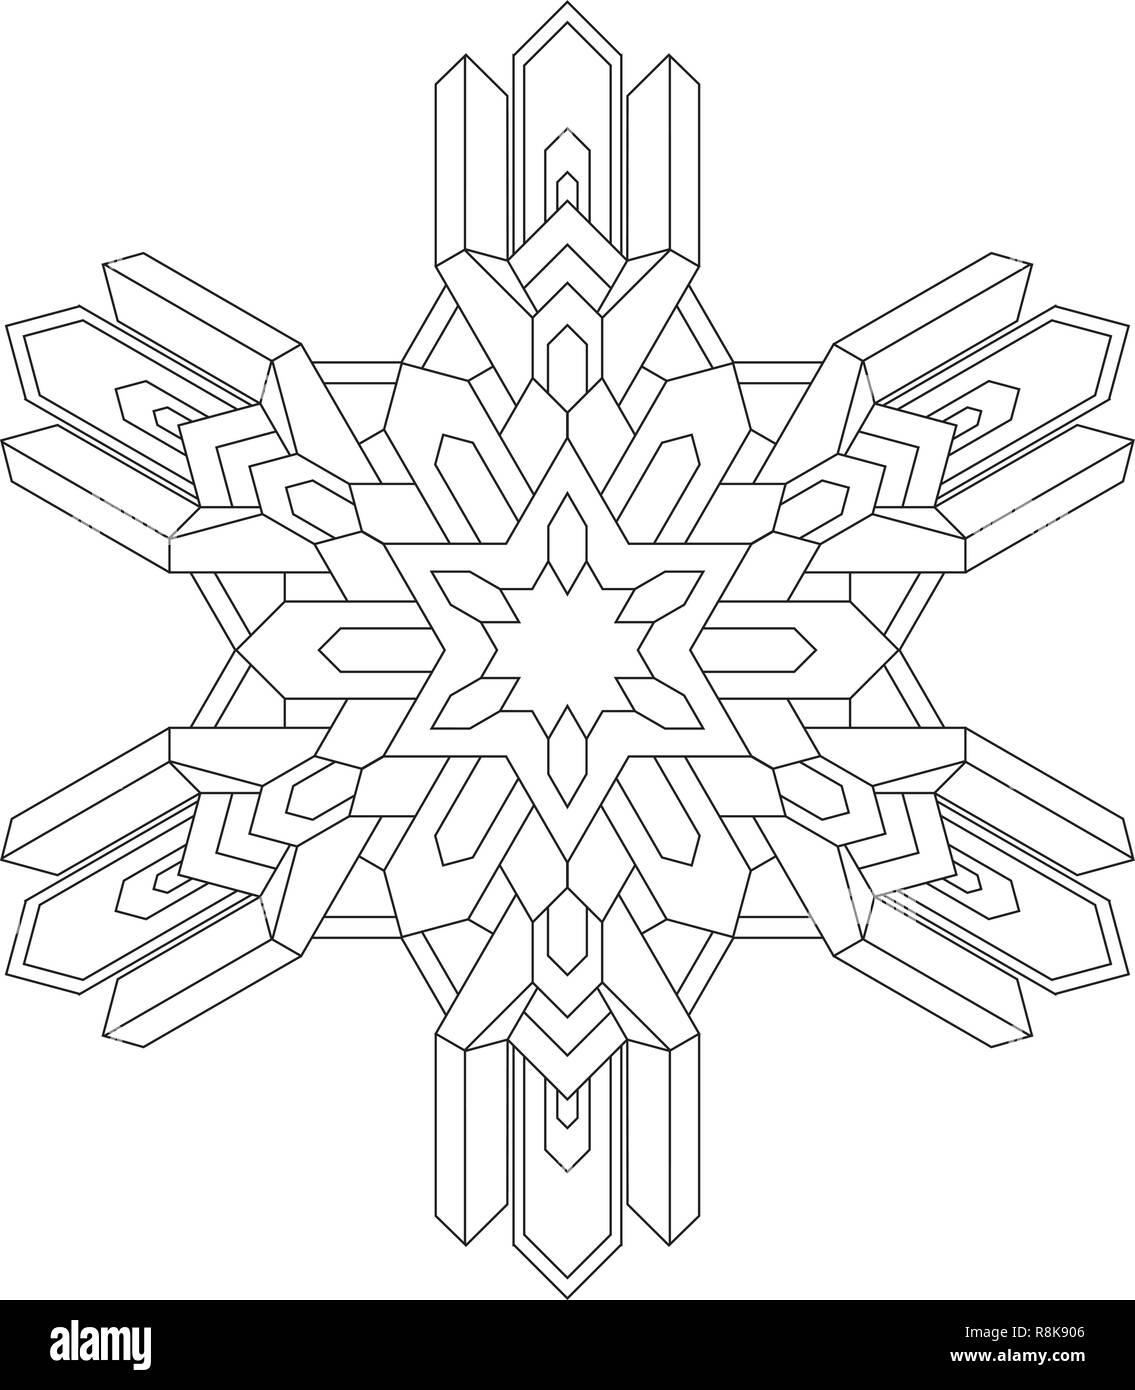 Contornos De Copo De Nieve En El Estilo De Línea Mono Para